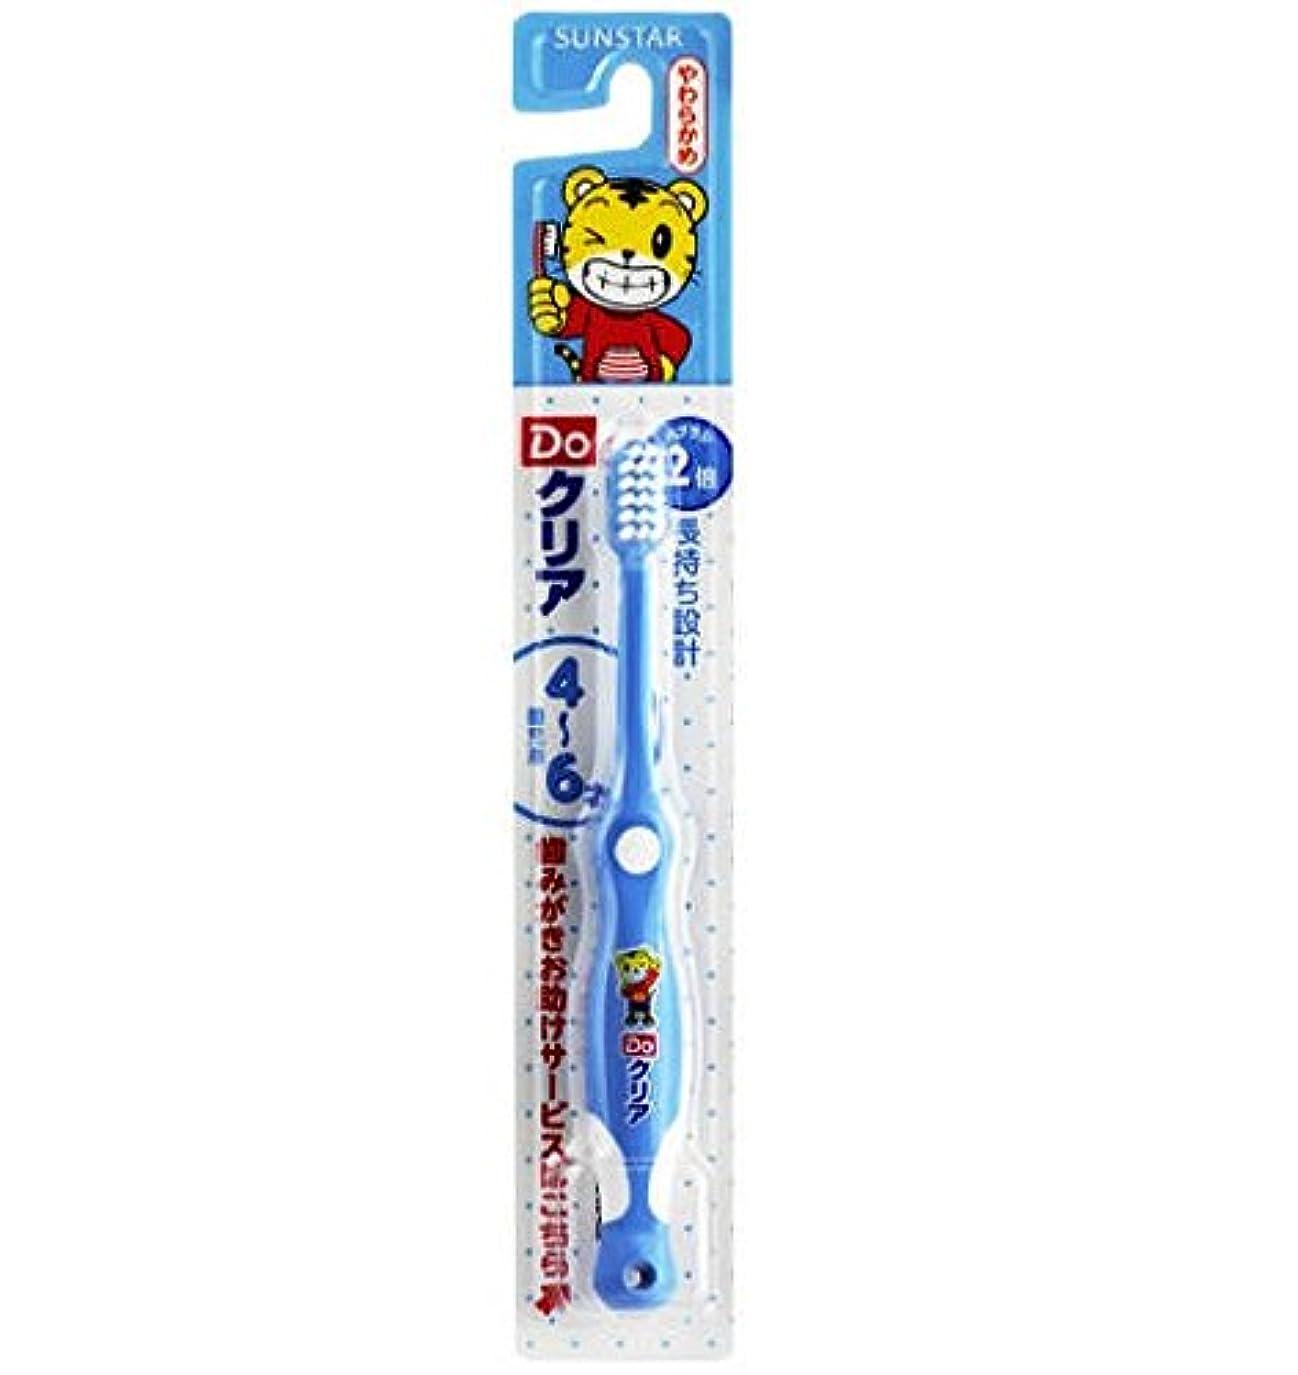 ガラステーブルを設定する一般的に言えばDoクリア こどもハブラシ 園児用 4-6才 やわらかめ:ブルー